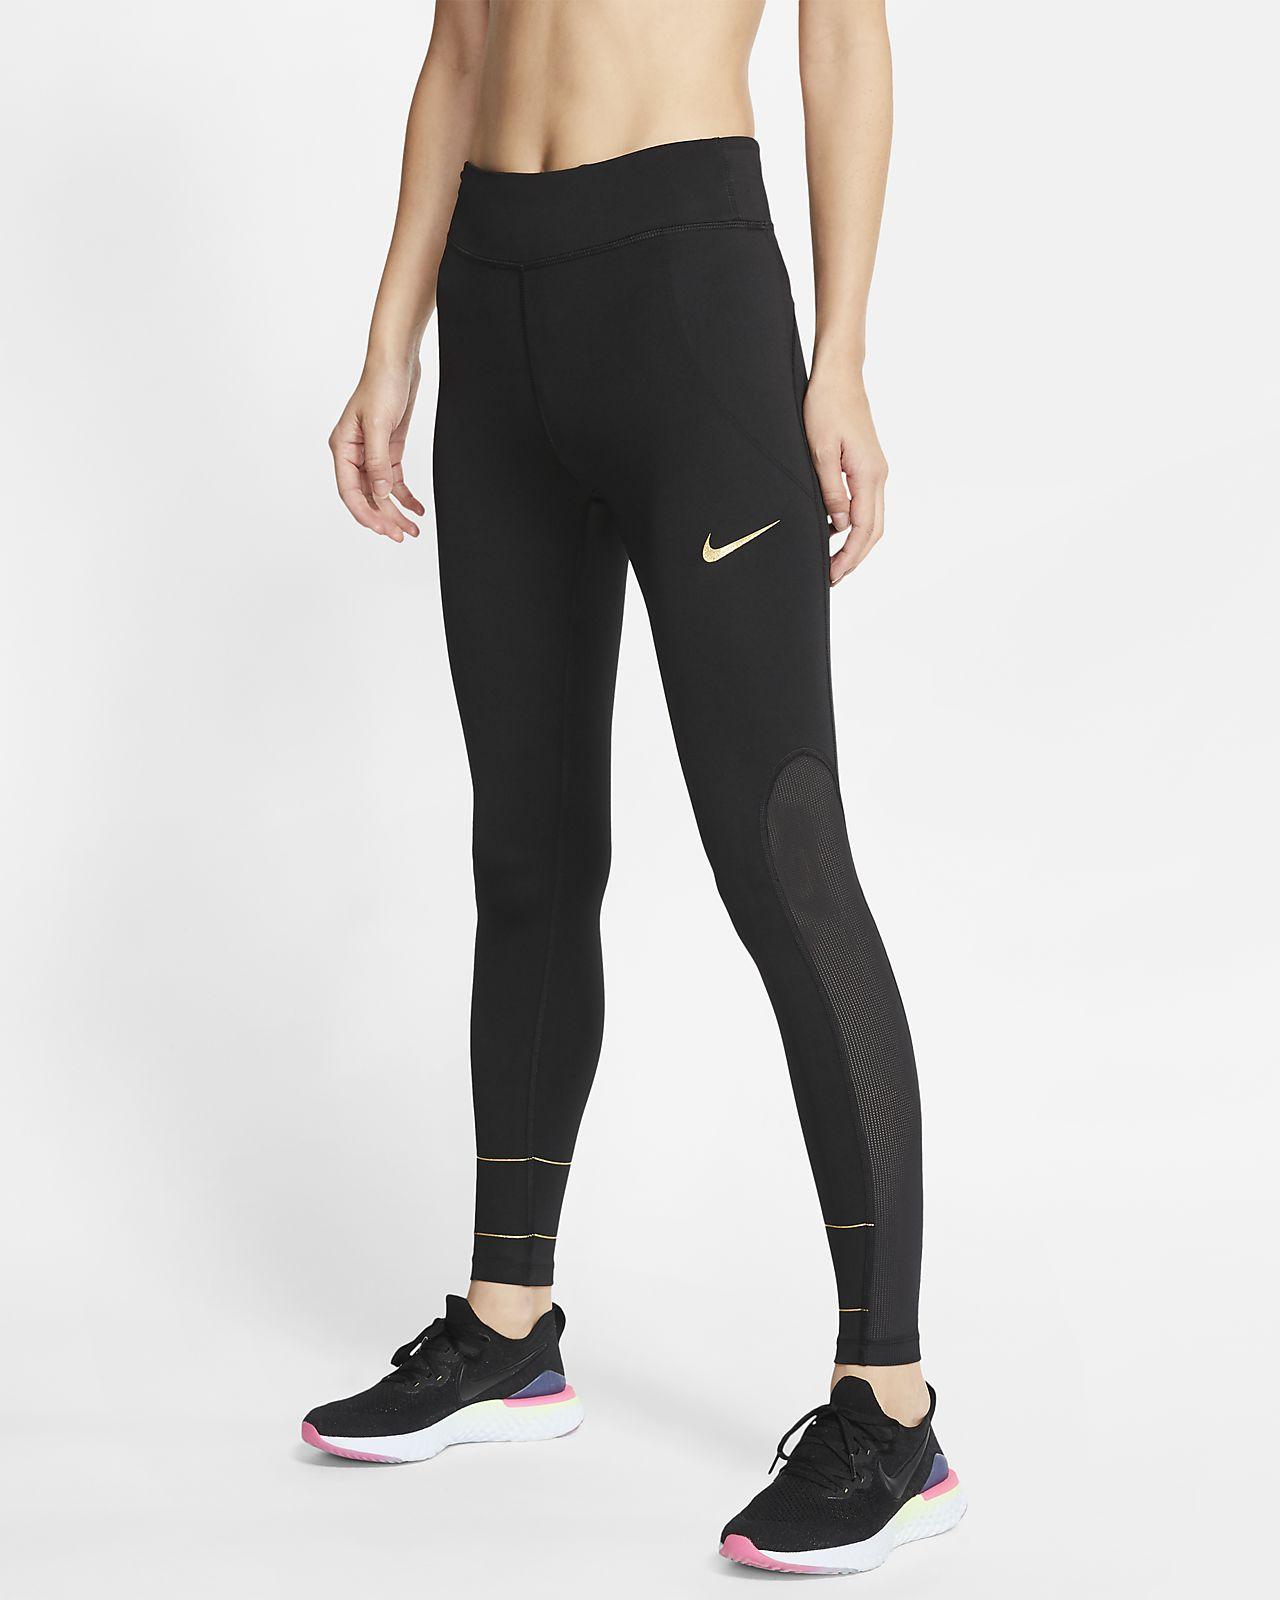 กางเกงวิ่งรัดรูปผู้หญิง Nike Fast